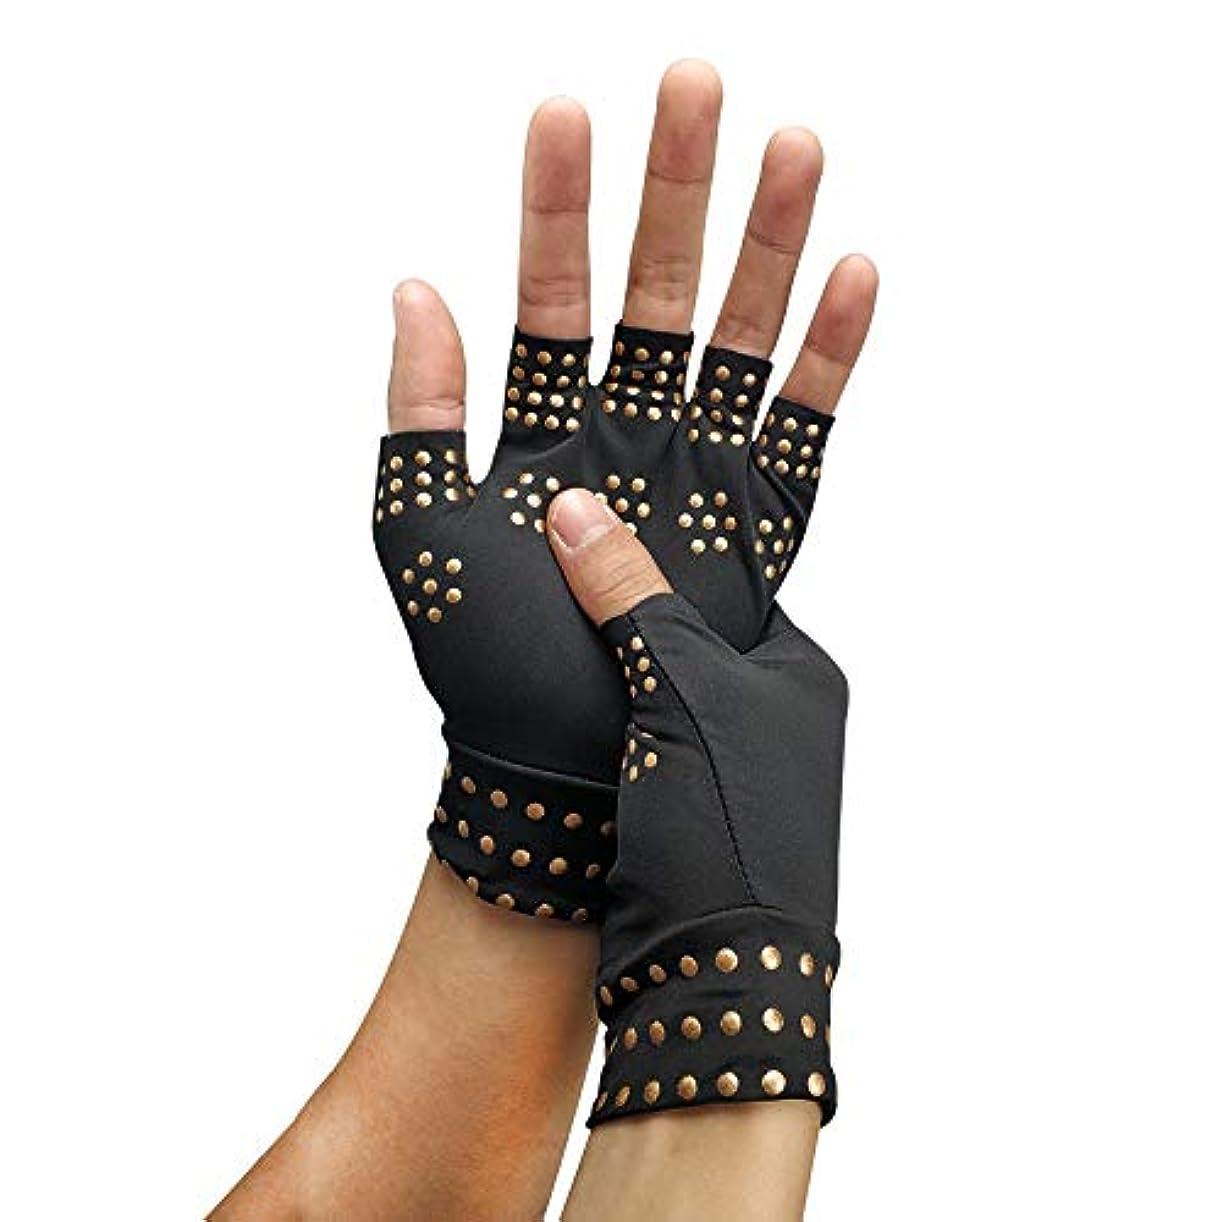 節約観察する誰かコンプレッショングローブ、グローブフィット関節炎の痛みを軽減コンプレッショングローブ手根管のリリーフ関節炎のリリーフ手リウマチ用リストブレース